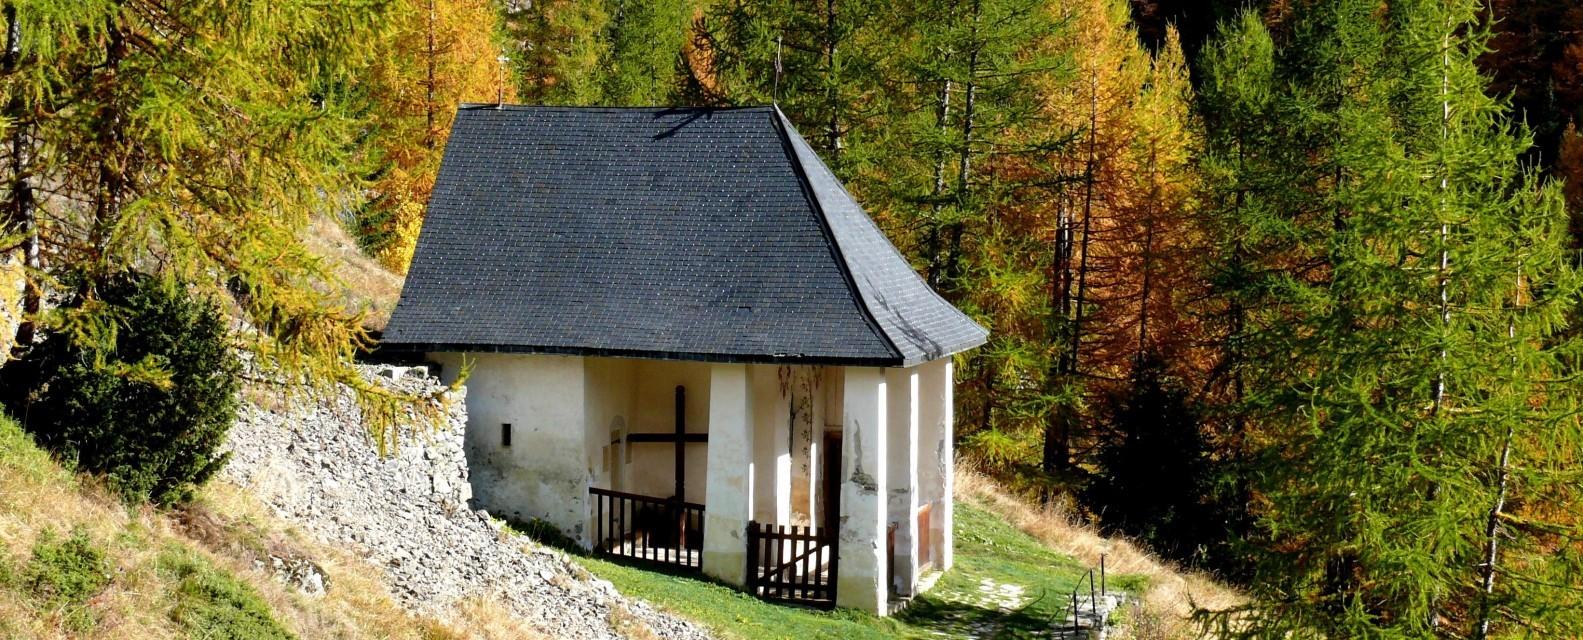 petite-chapelle-de-la-source-les-vernettes-1361